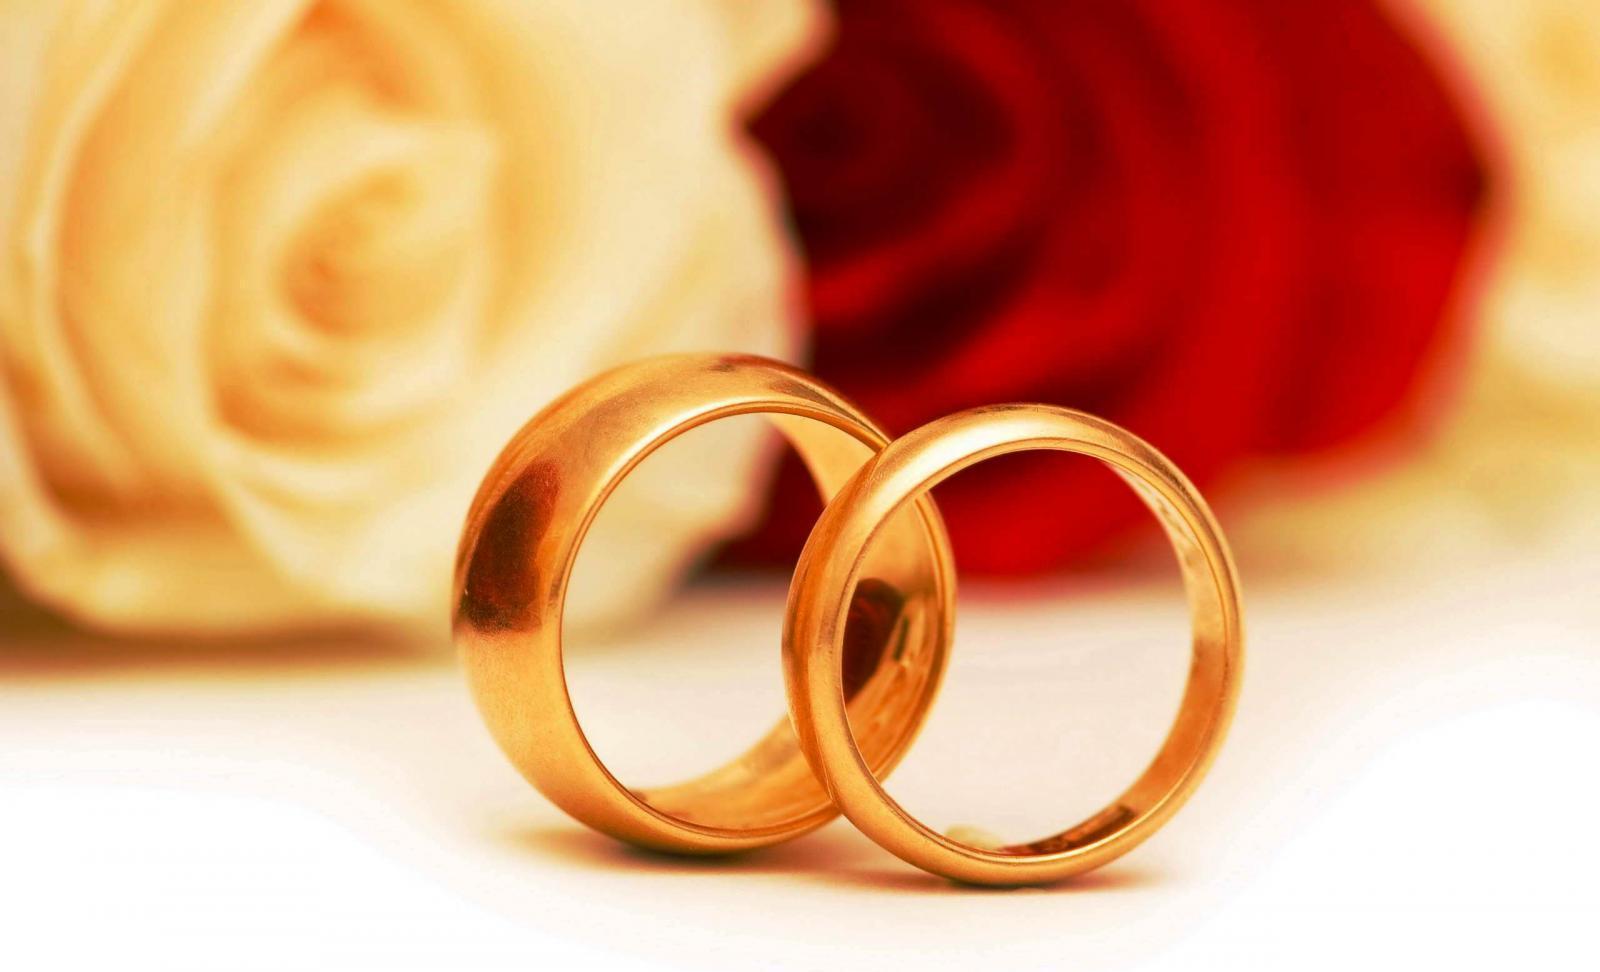 Открытки золотые кольца, букет роз картинки